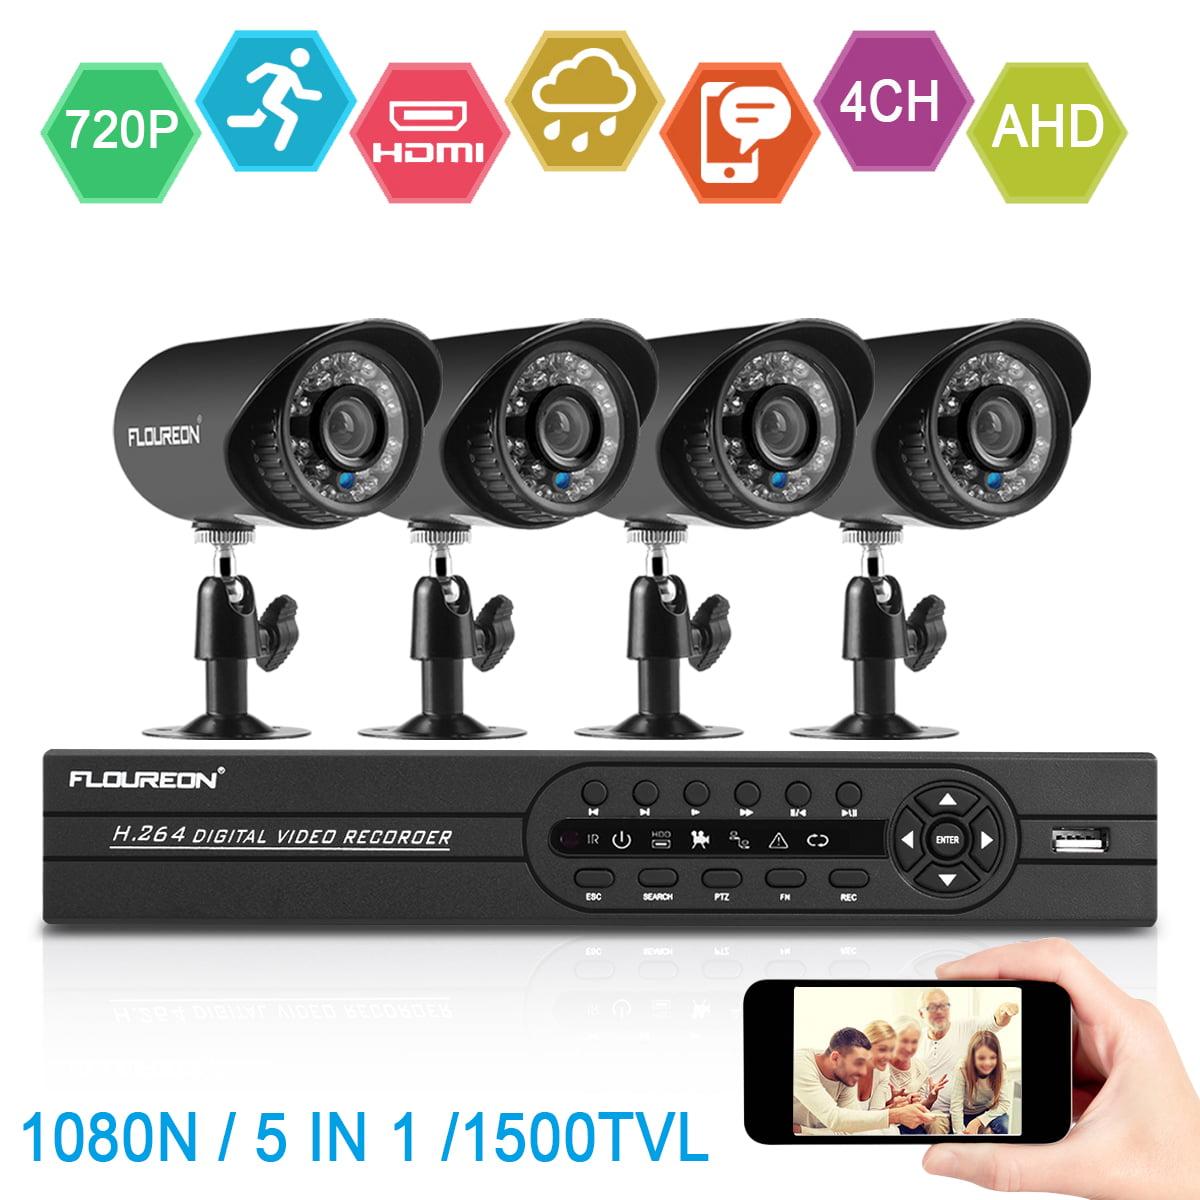 floureon 4ch cctv dvr 1500tvl camera night vision home security